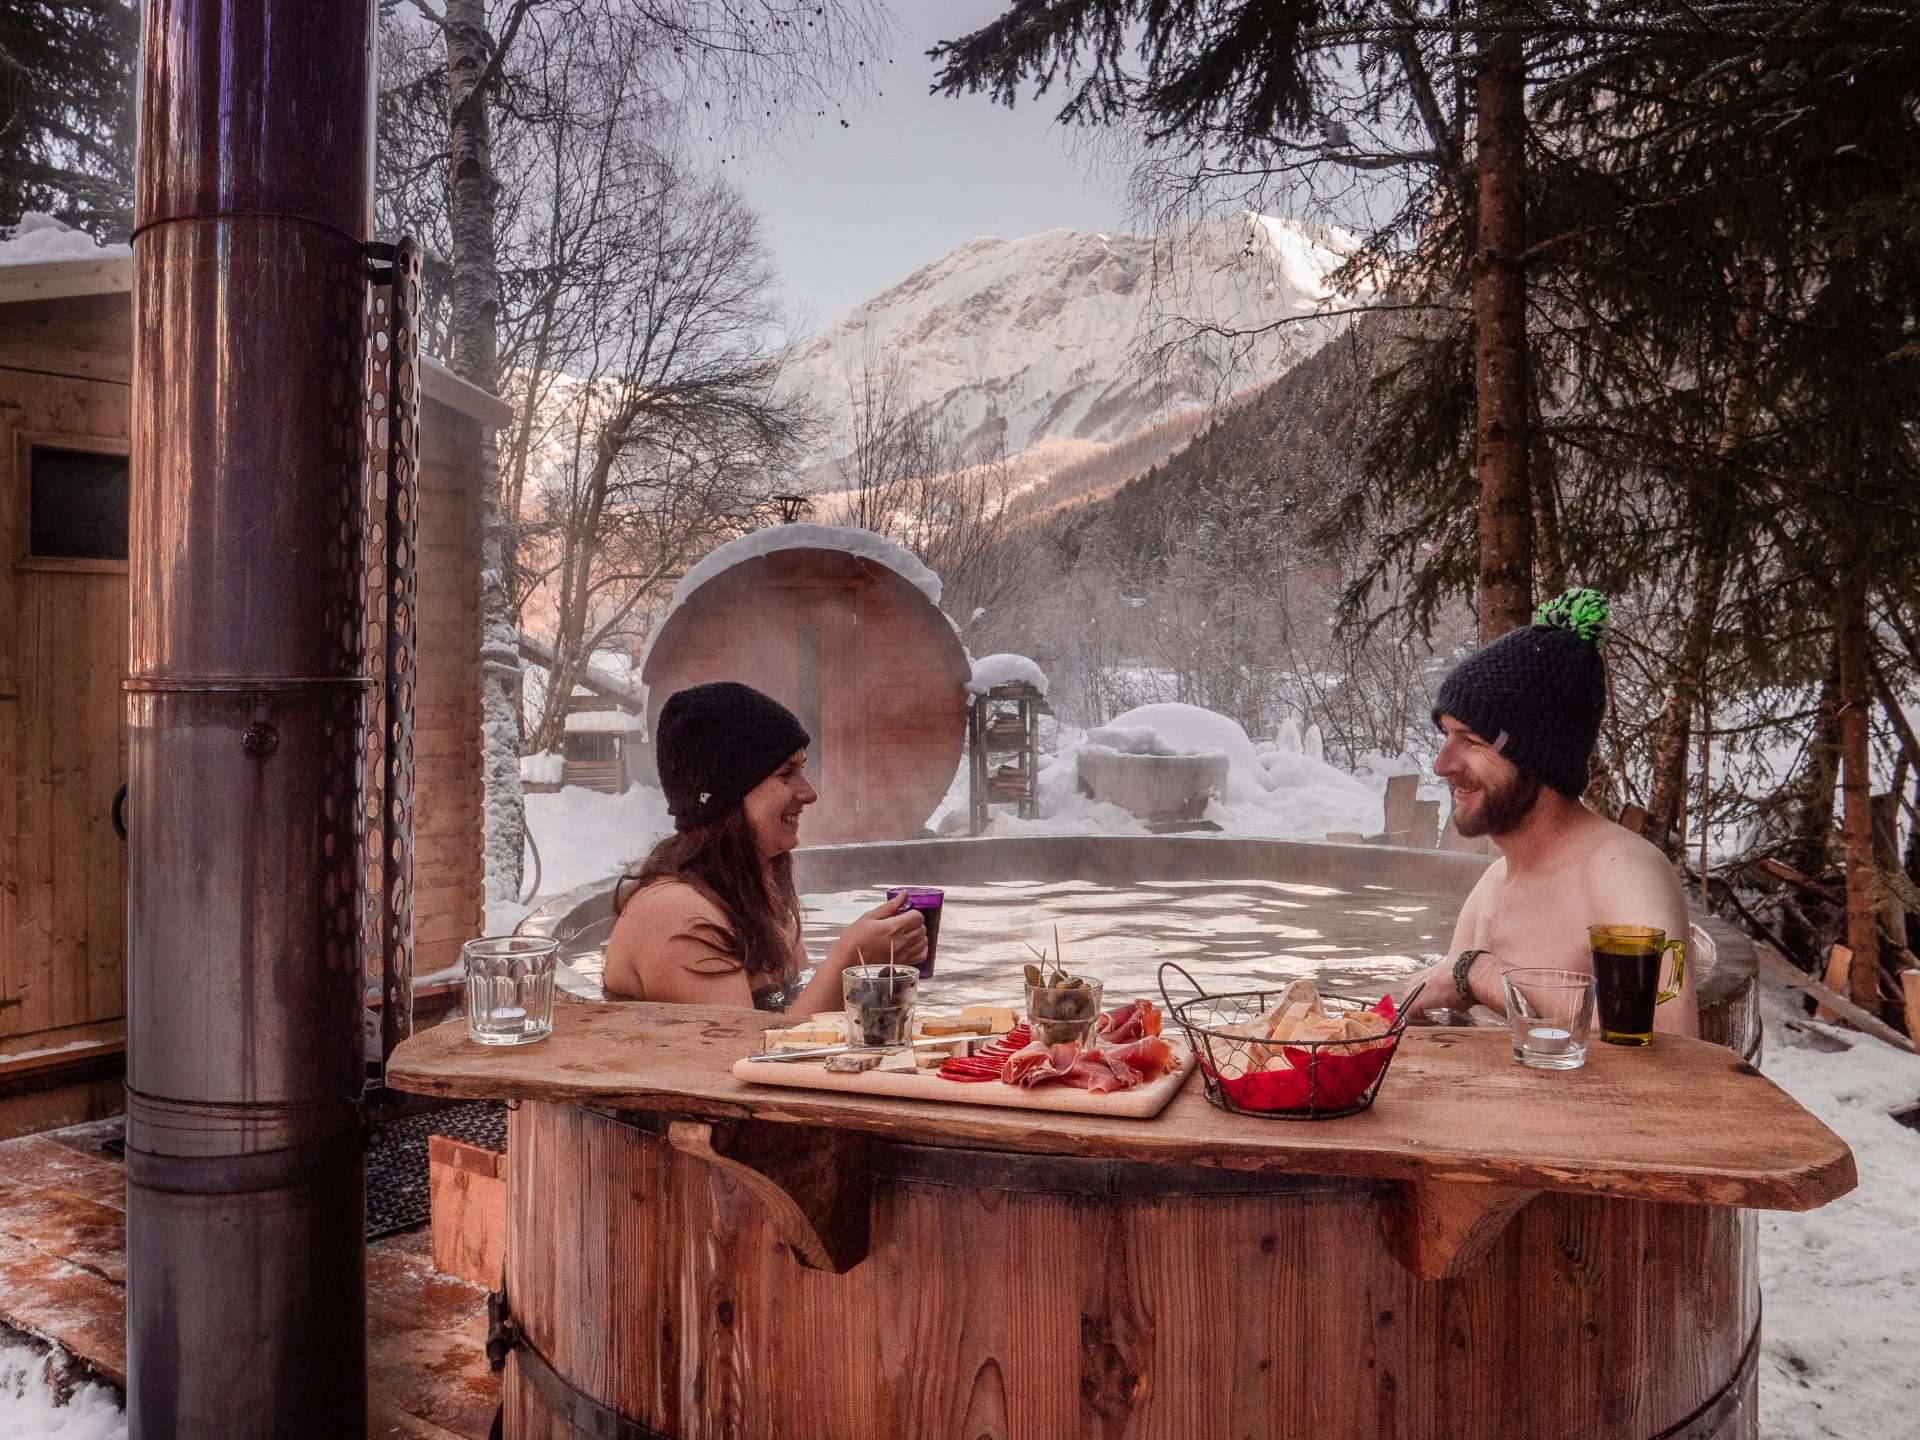 bains du trappeur, bains nordiques à Orcières, vallée du champsaur hautes alpes